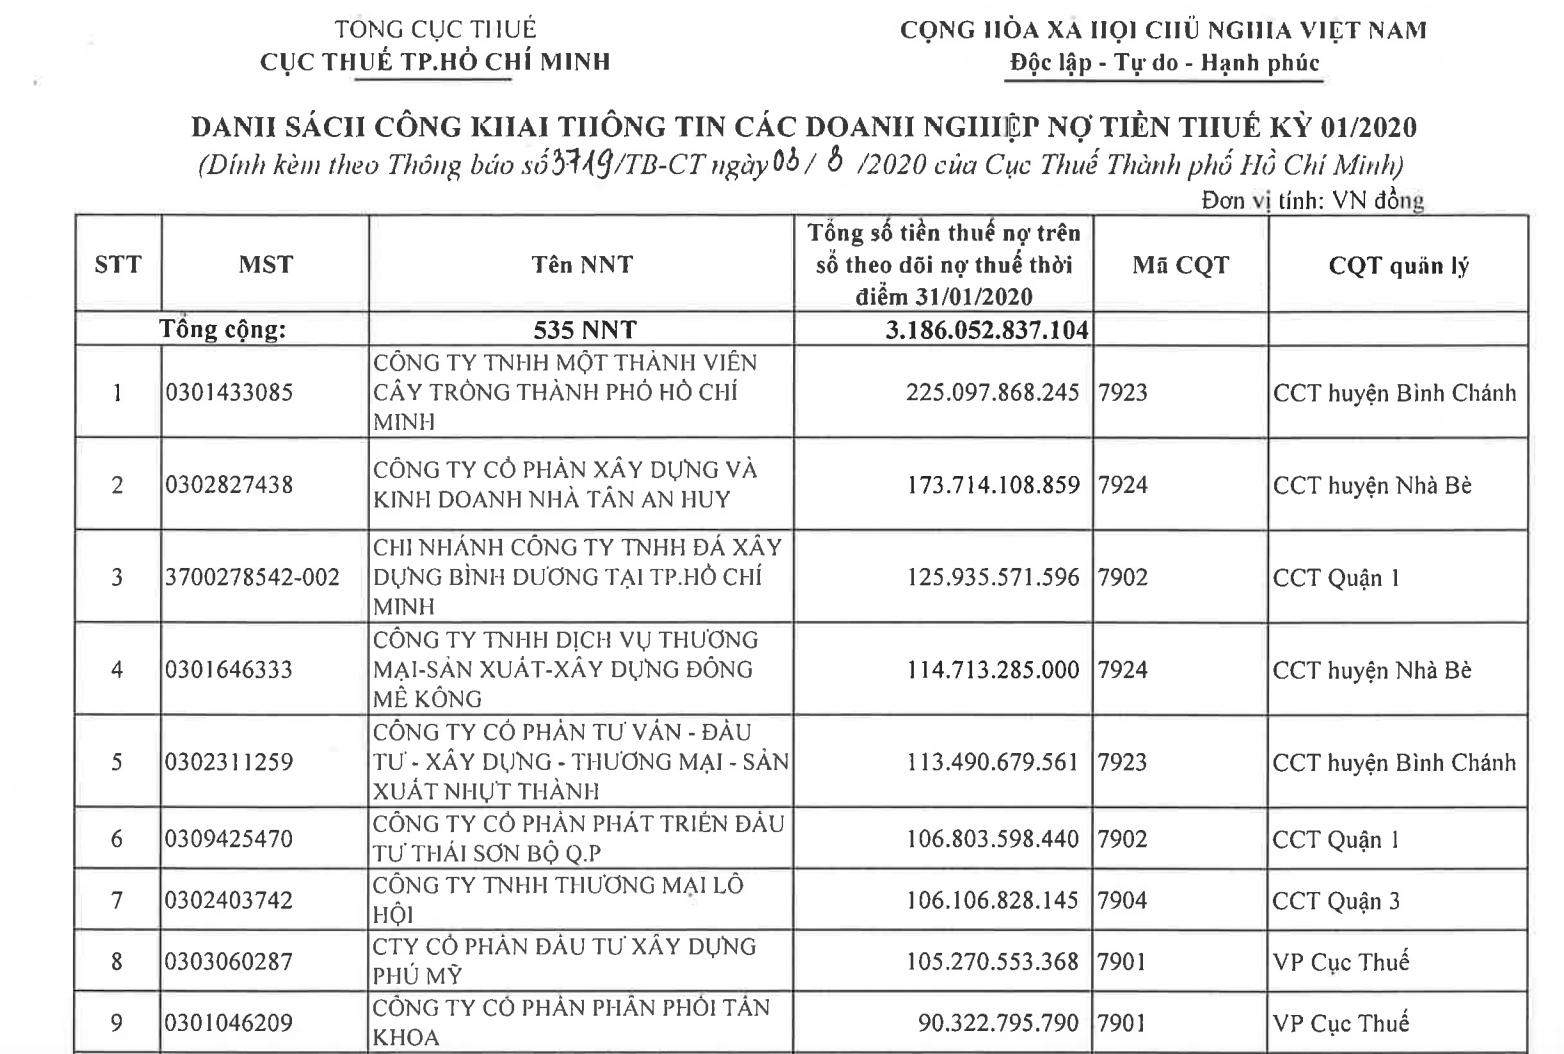 Danh sách các đơn vị chây ì nghĩa vụ thuế.